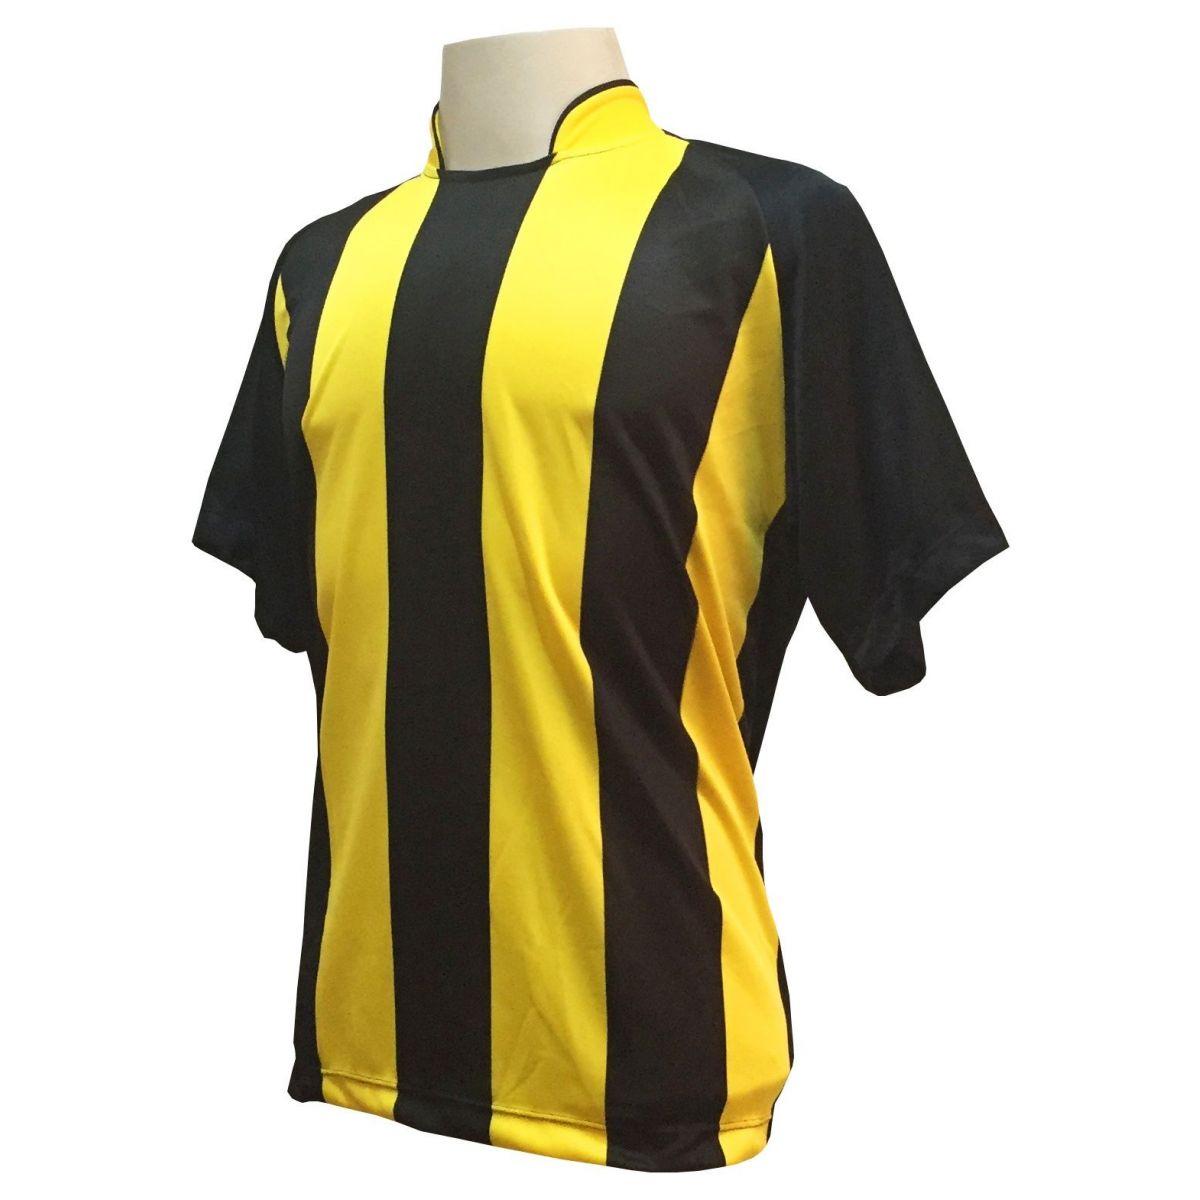 Jogo de Camisa com 18 unidades modelo Milan Preto/Amarelo + 1 Goleiro + Brindes